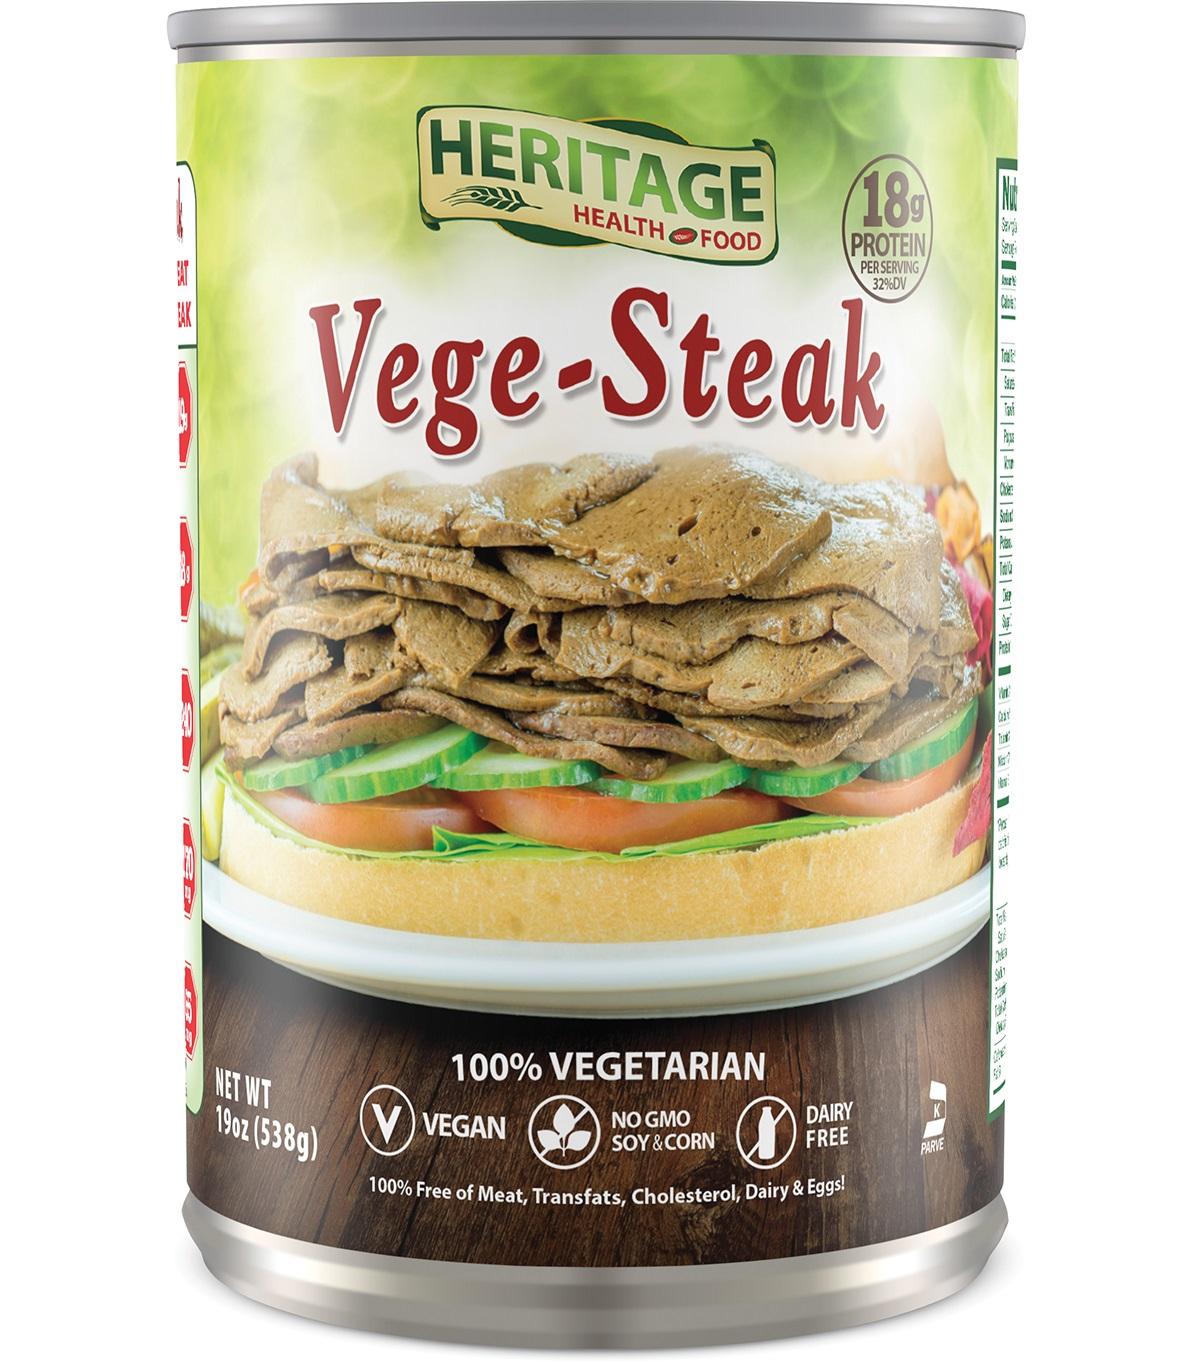 VEGE STEAKS-HERITAGE,HERITAGE HEALTH FOOD,853205002184